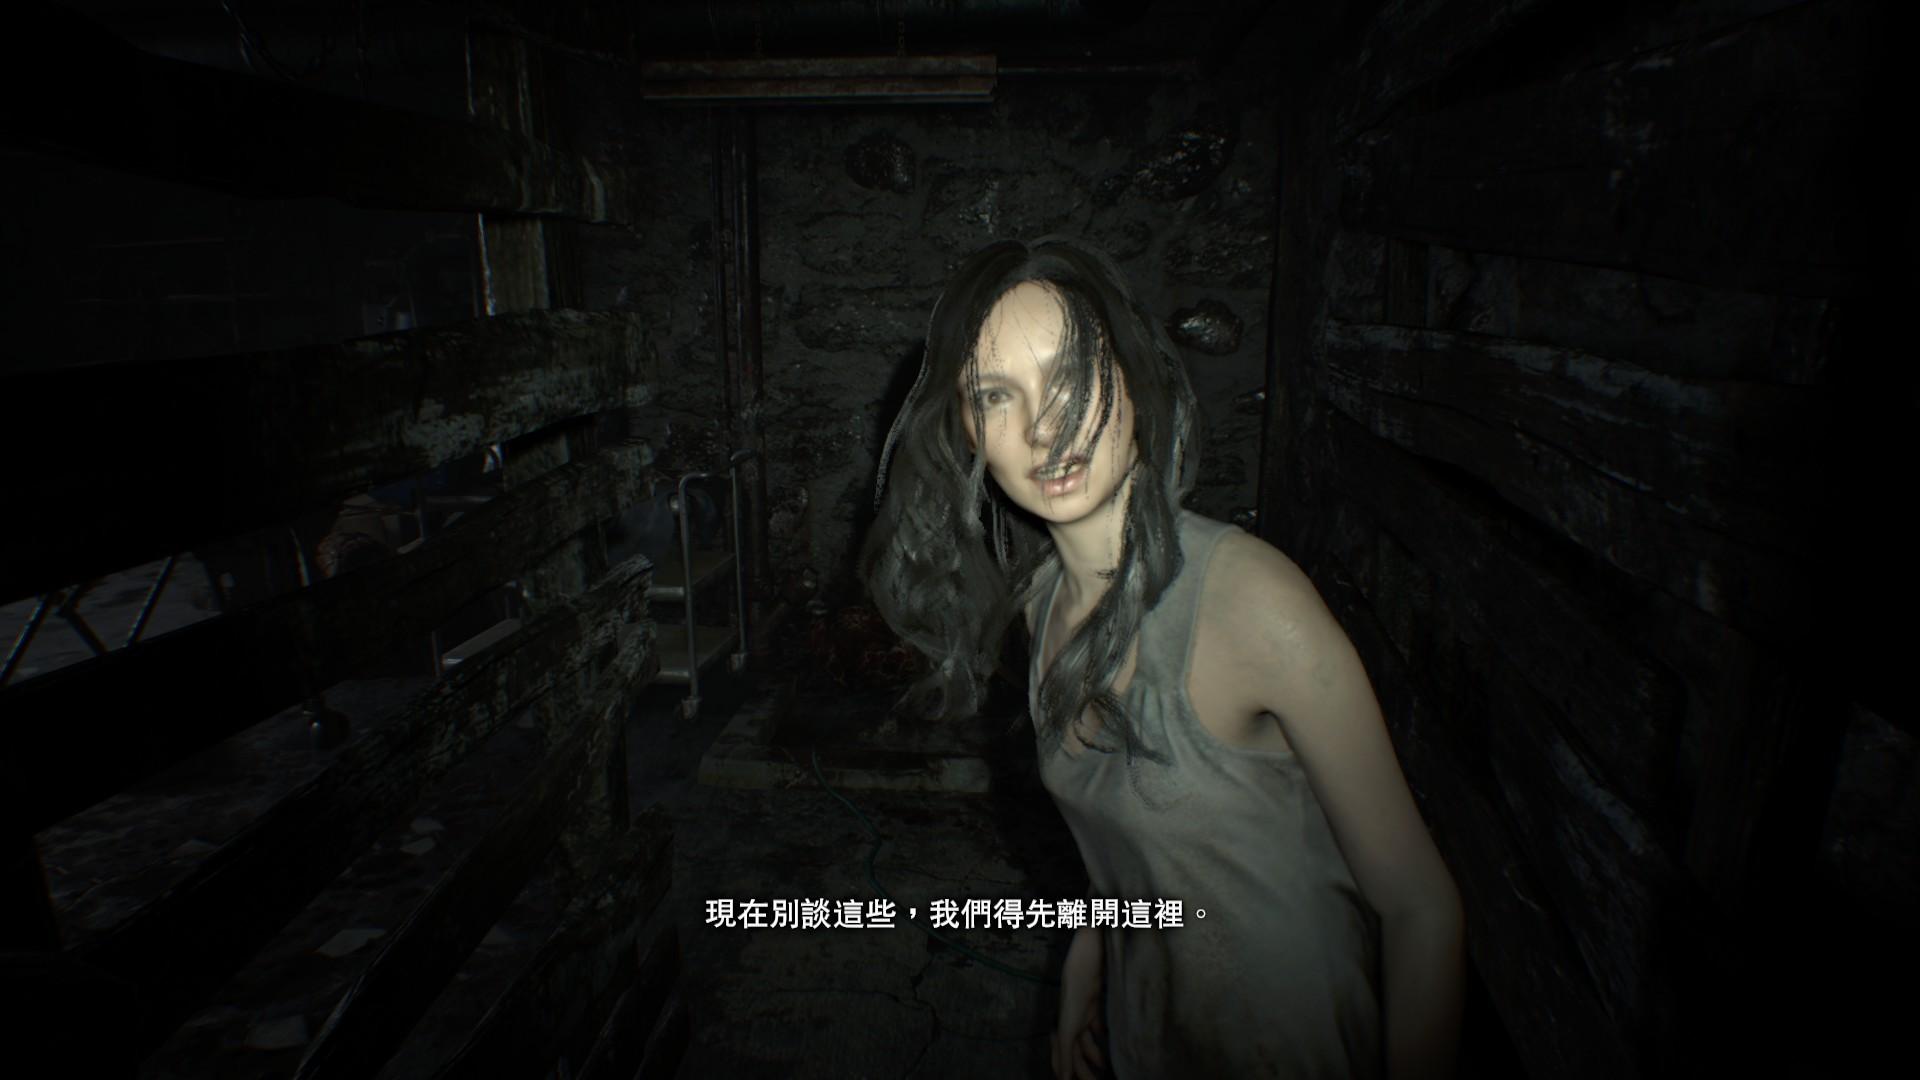 游戏《恶灵古堡7》最不像生化危机系列的大胆创新 (13)